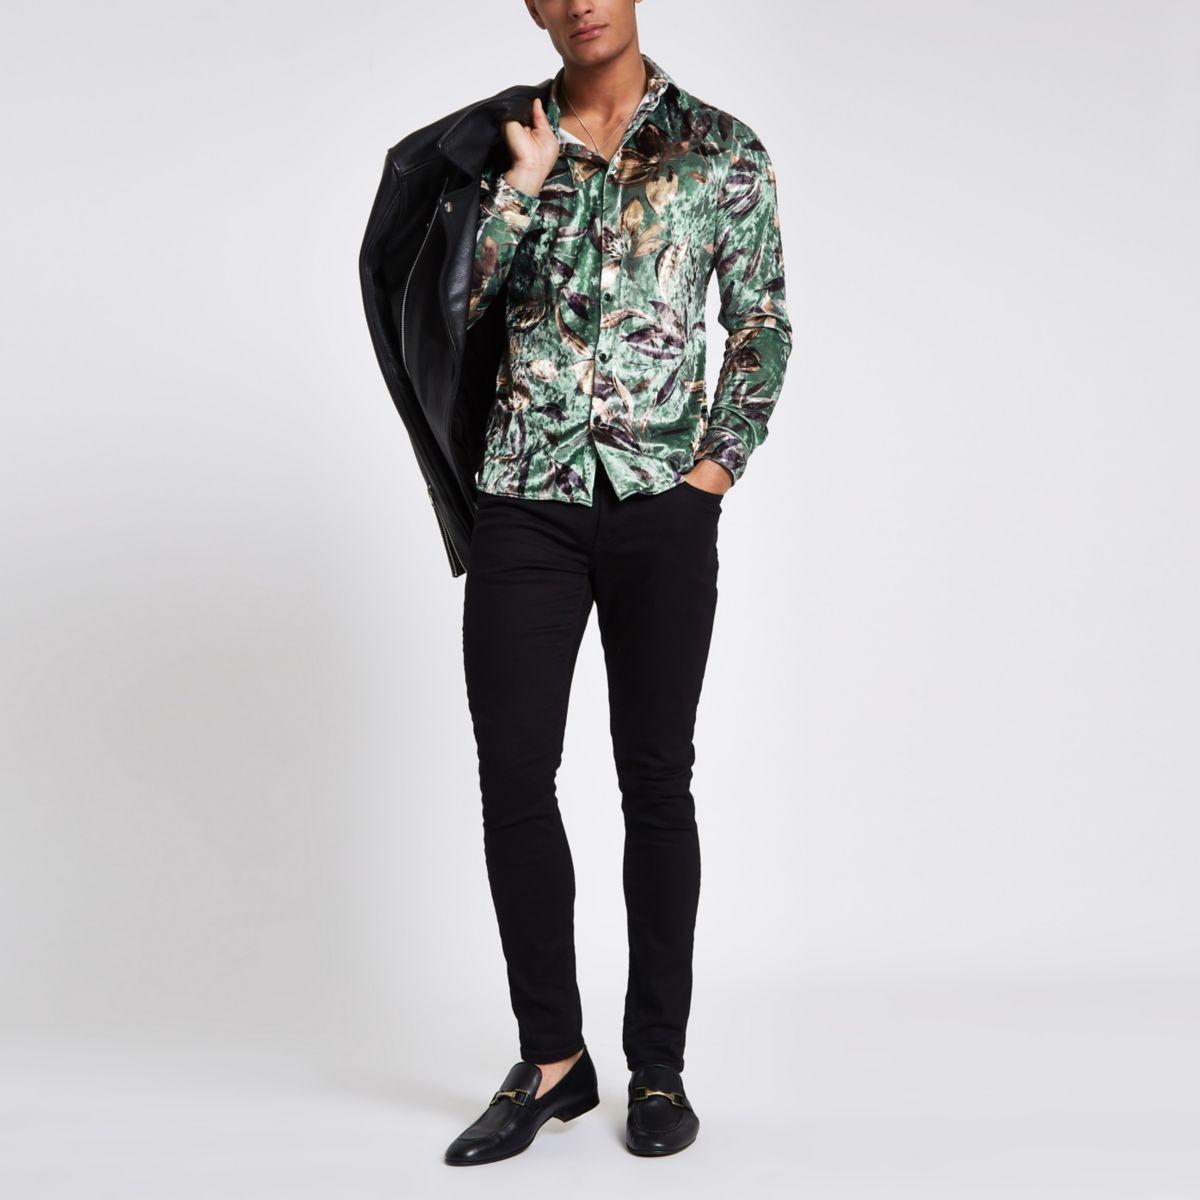 Green floral print velvet button-up shirt